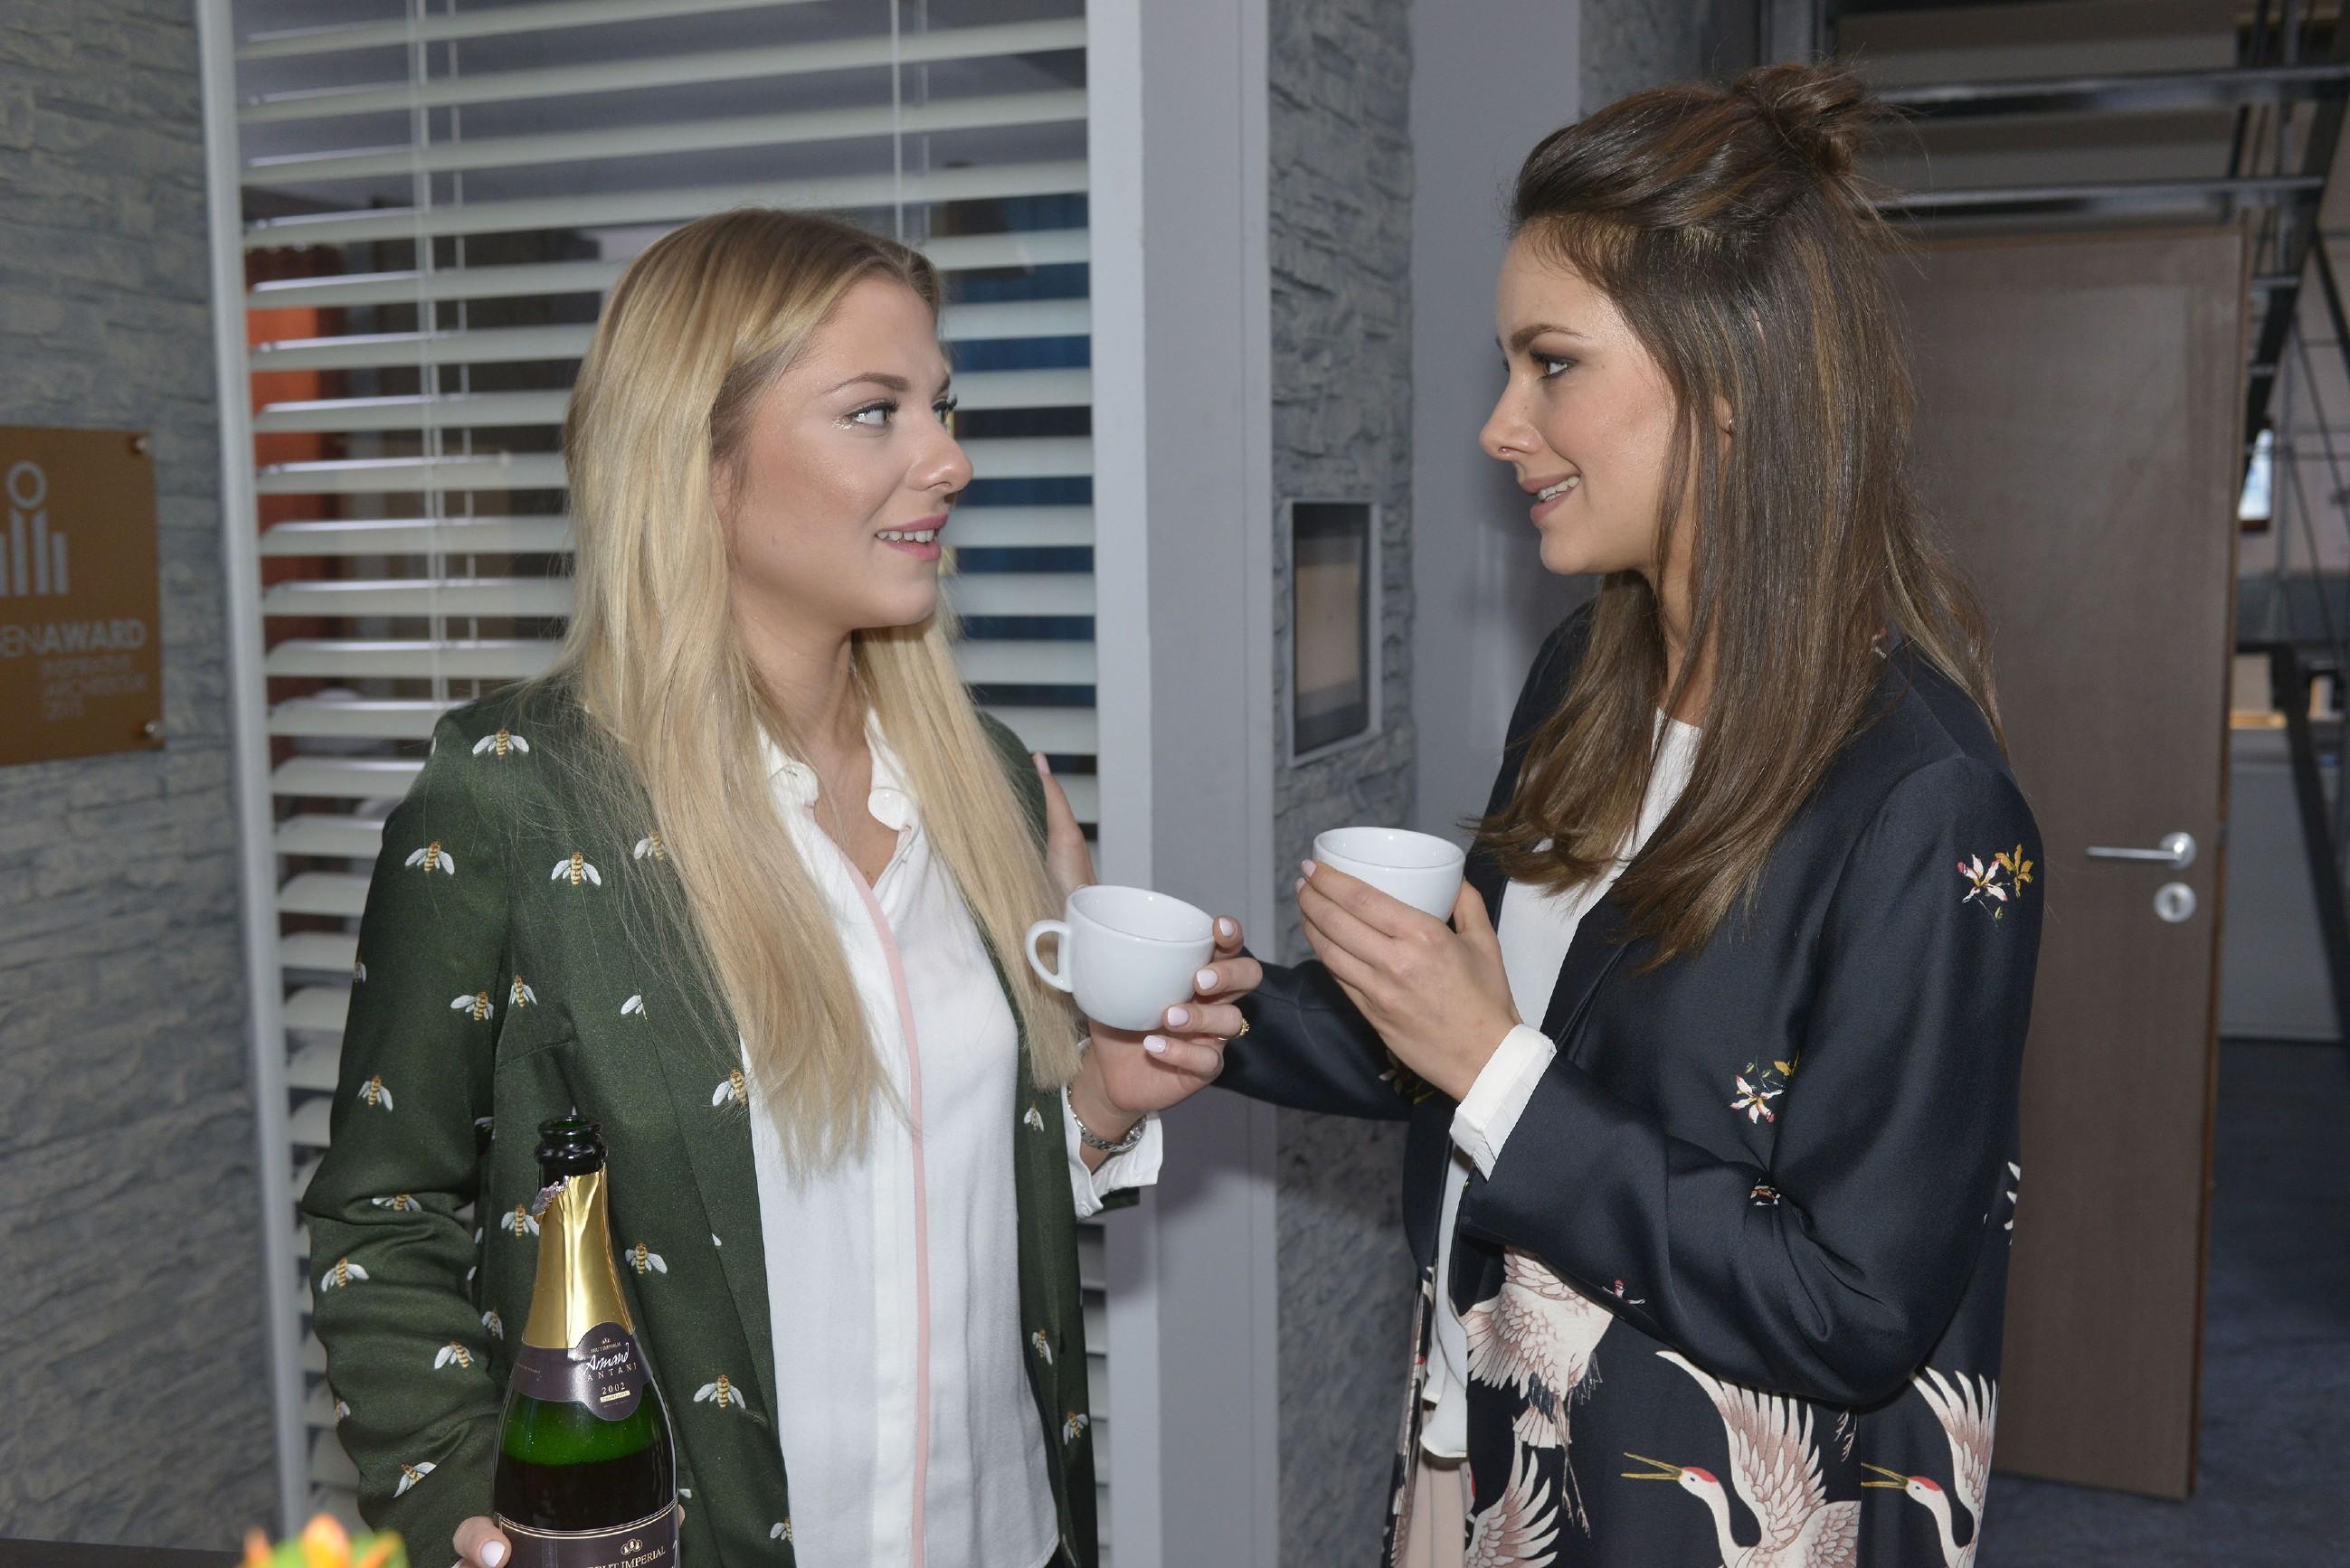 Sunny (Valentina Pahde, l.) versichert Jasmin (Janina Uhse), dass sie auch ohne Hochzeits-Überraschungen eine tolle Trauzeugin ist. (Quelle: RTL / Rolf Baumgartner)